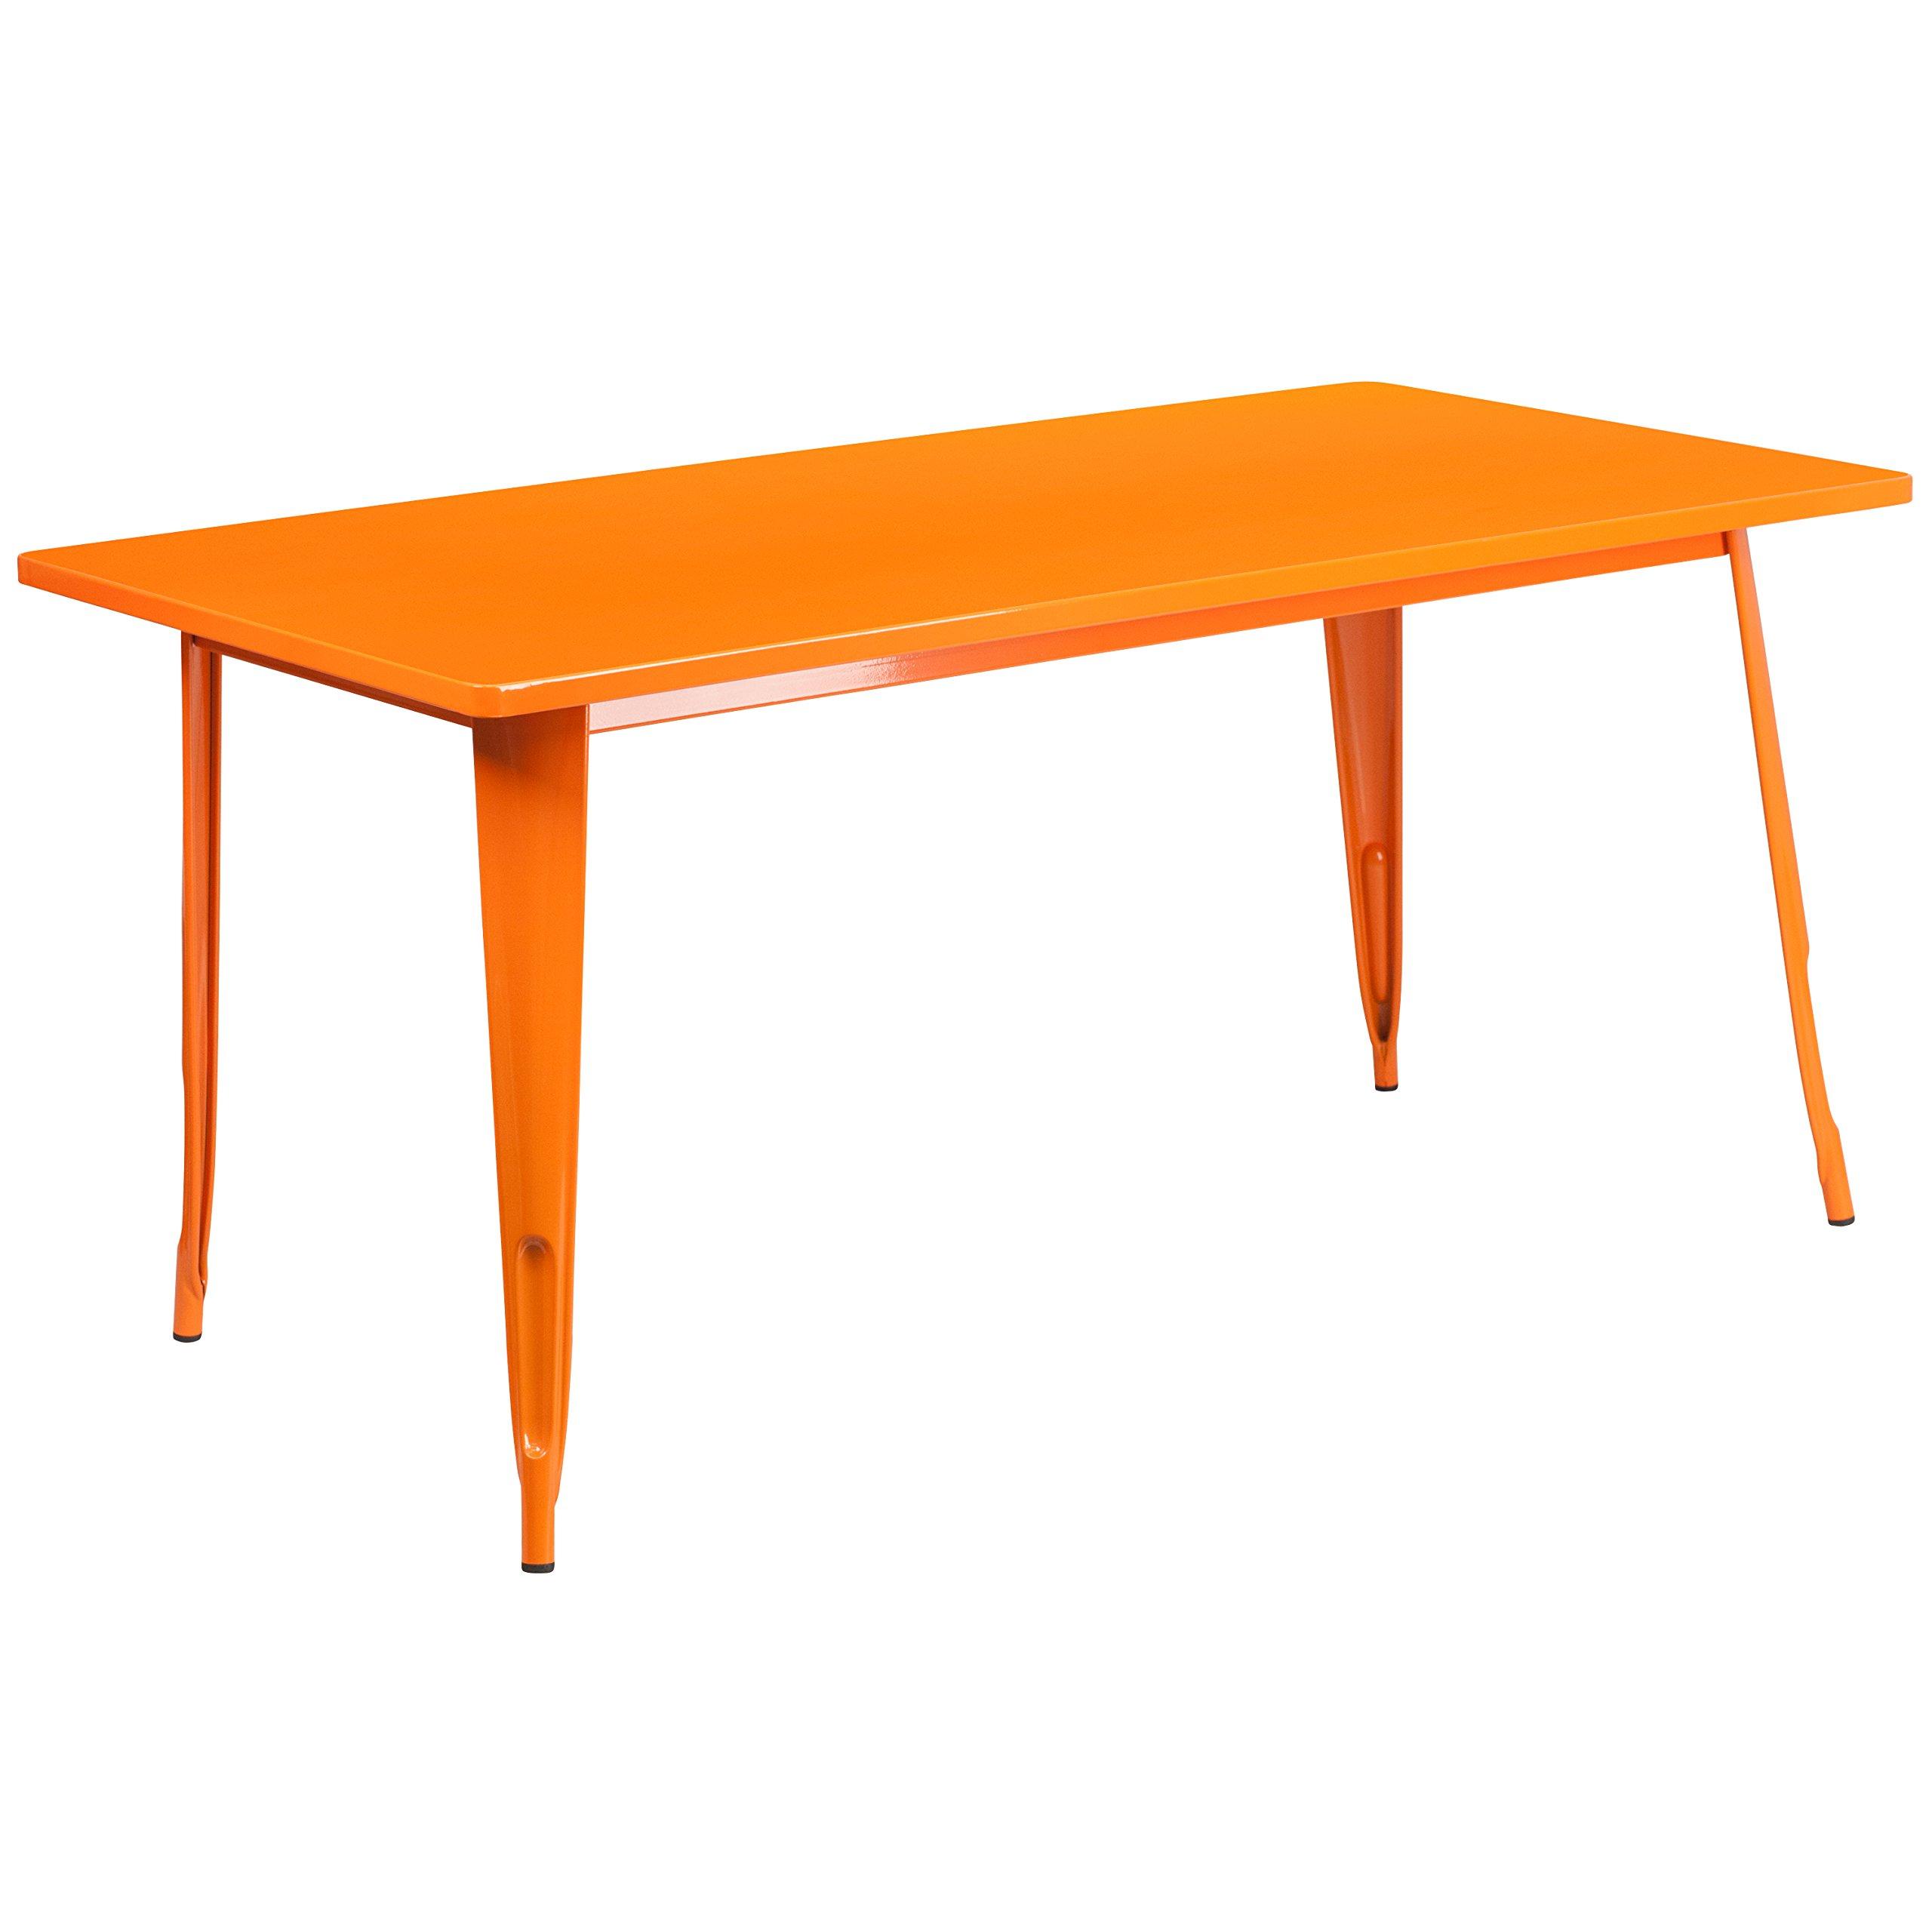 Flash Furniture 31.5'' x 63'' Rectangular Orange Metal Indoor-Outdoor Table